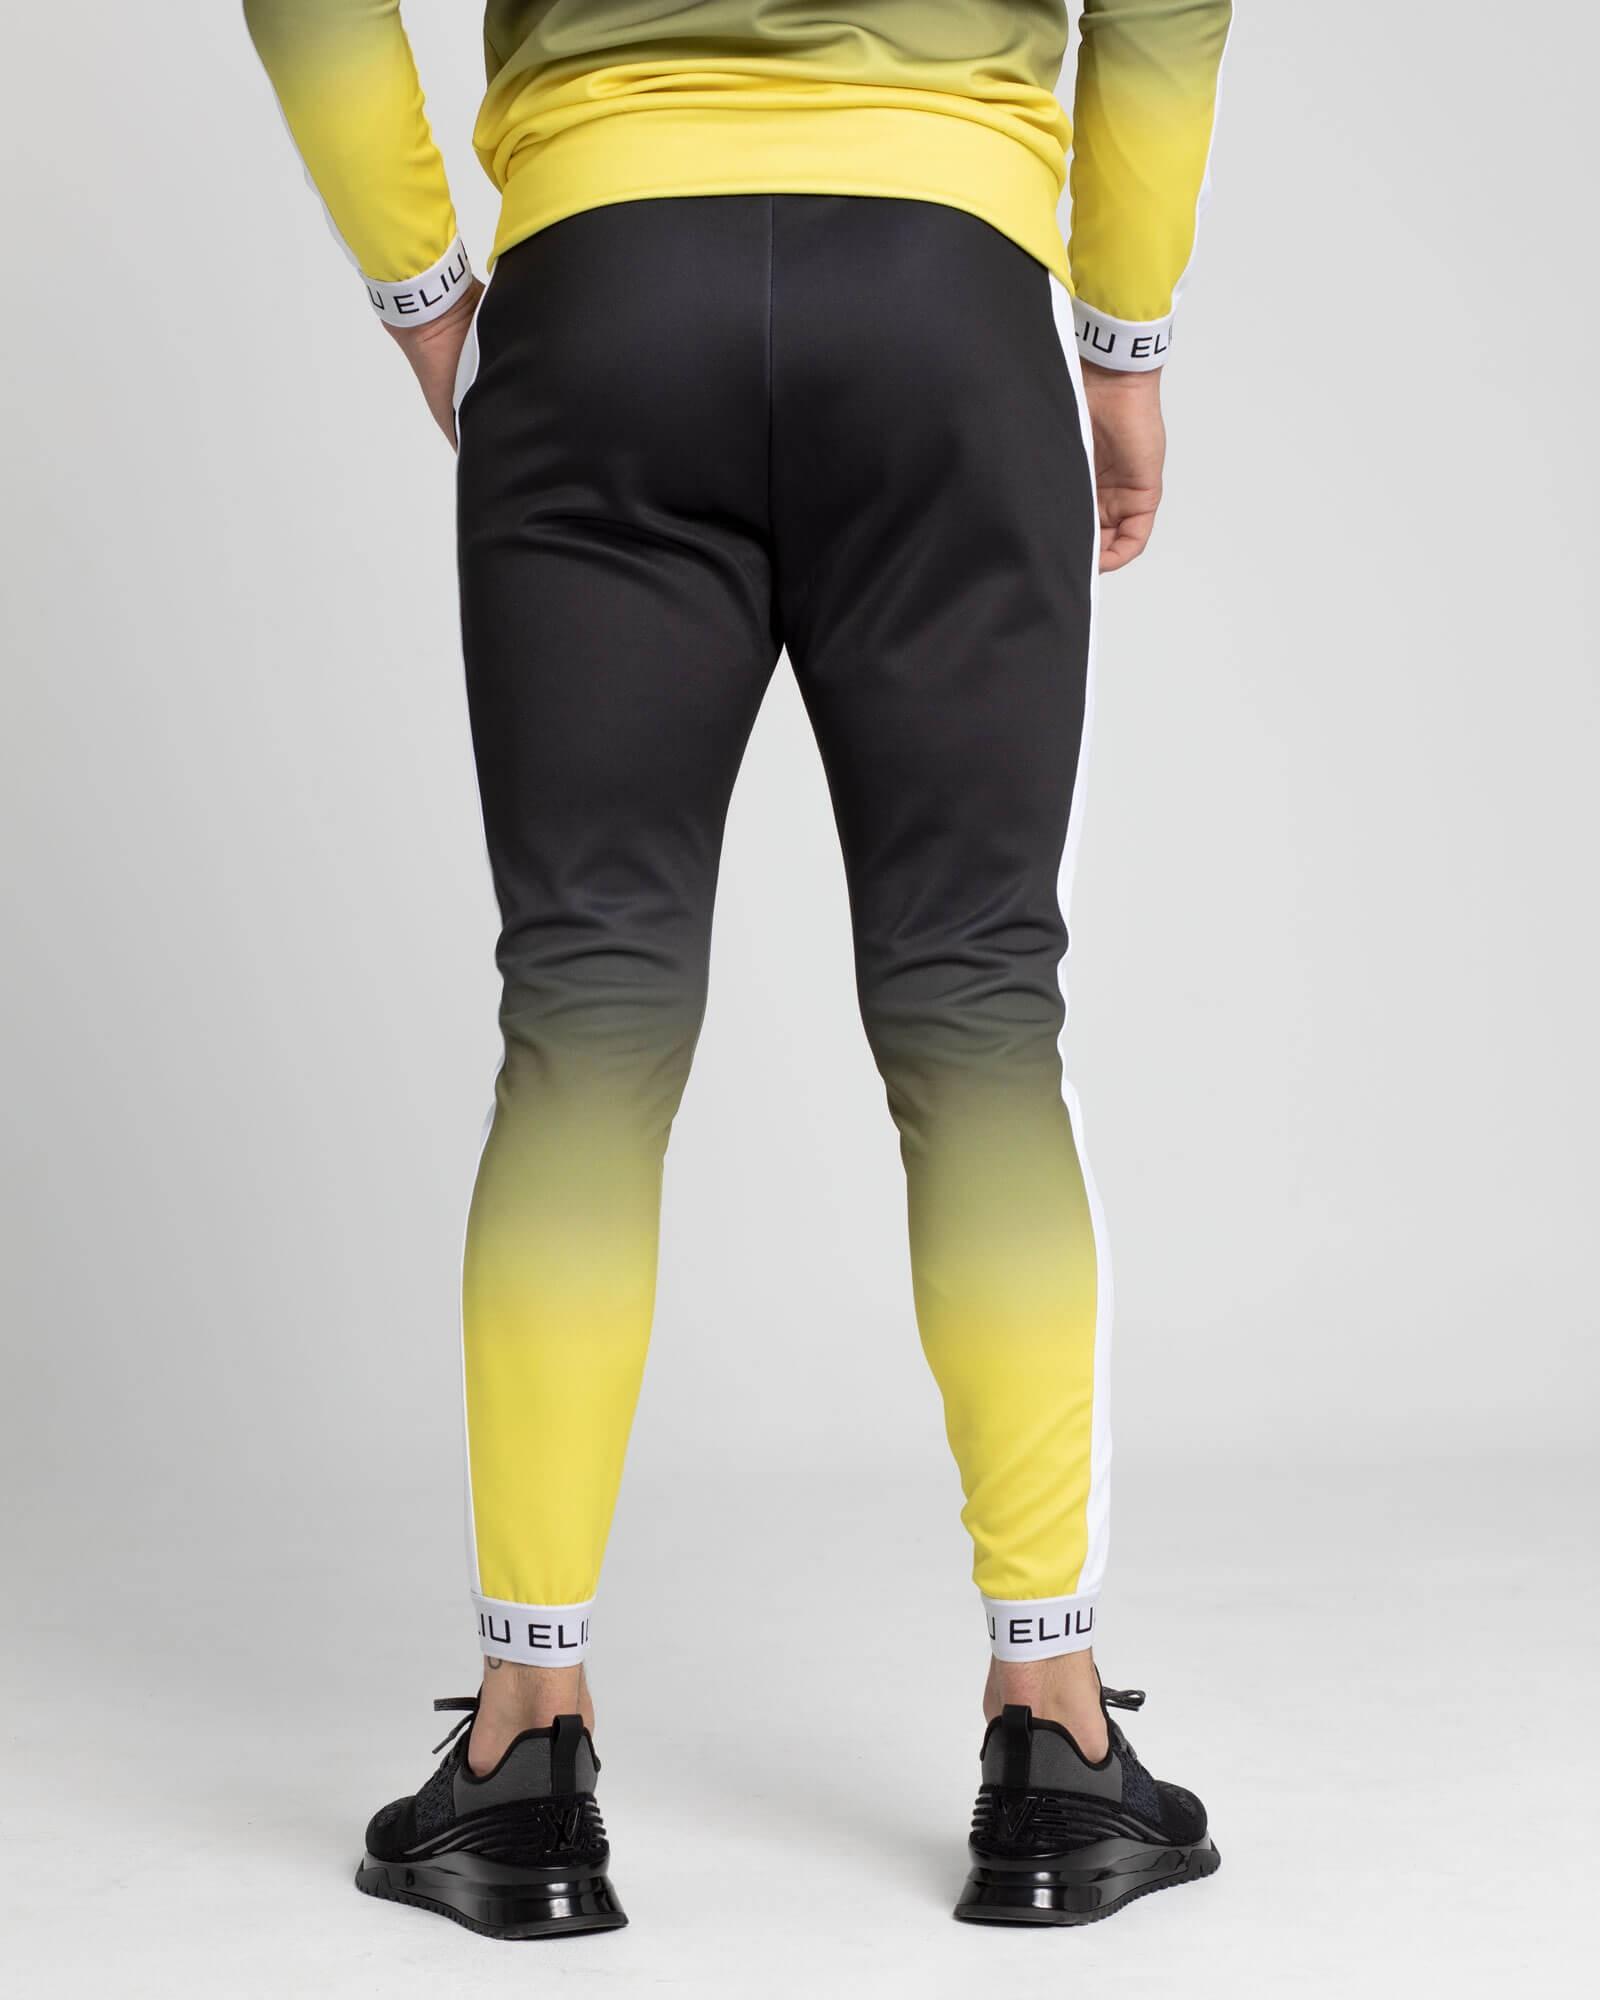 Pantalones de chándal Electric amarillo. Estilo urbano de ELIU streetwear.